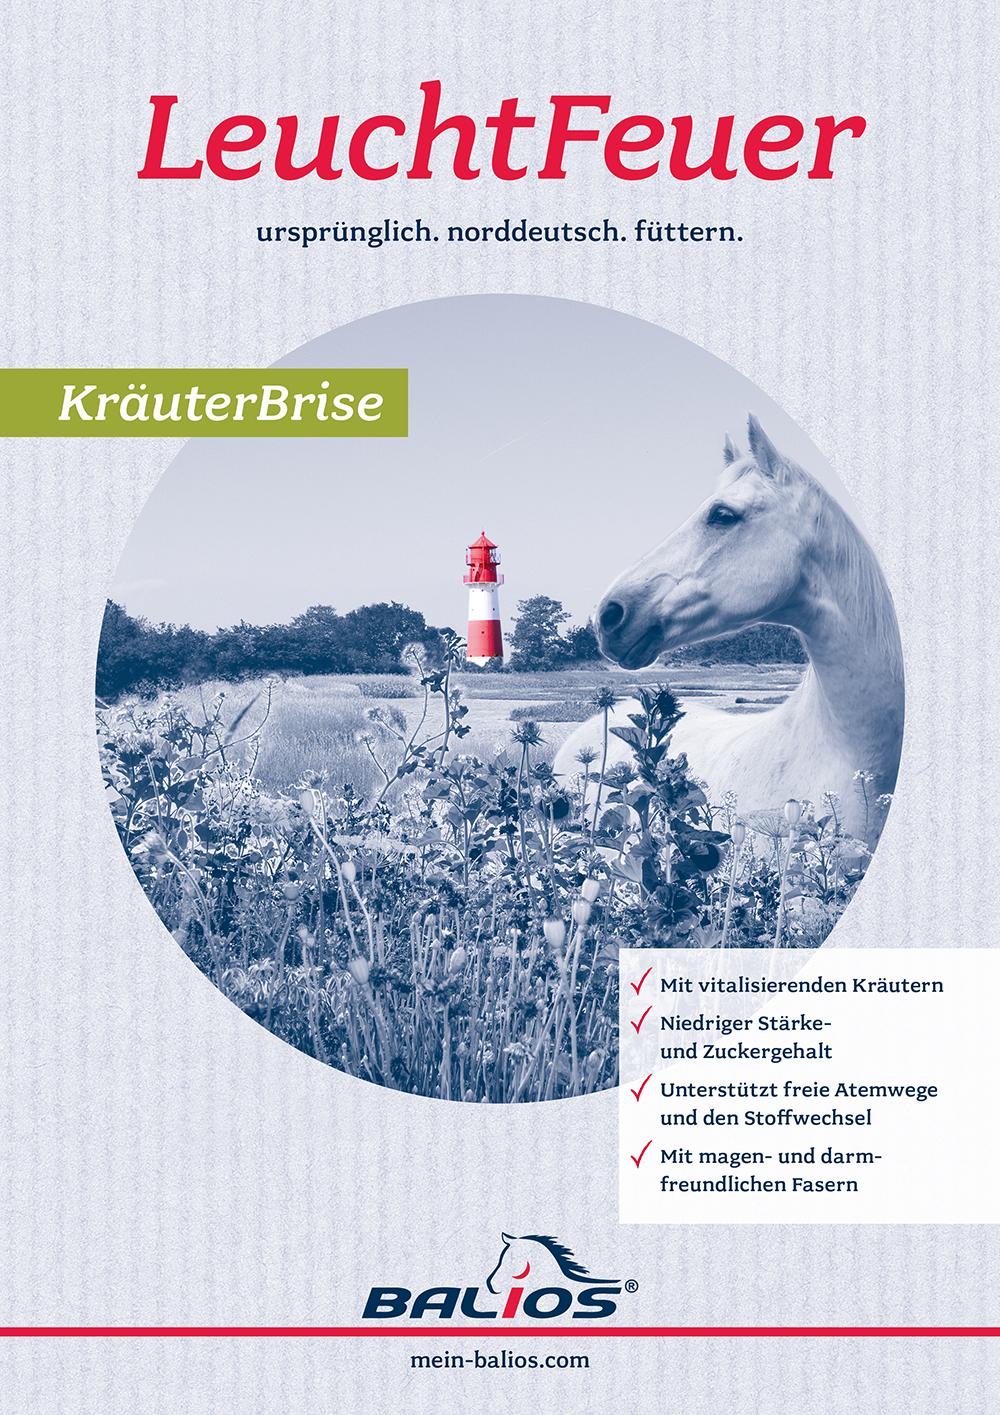 BALIOS LeuchtFeuer KräuterBrise